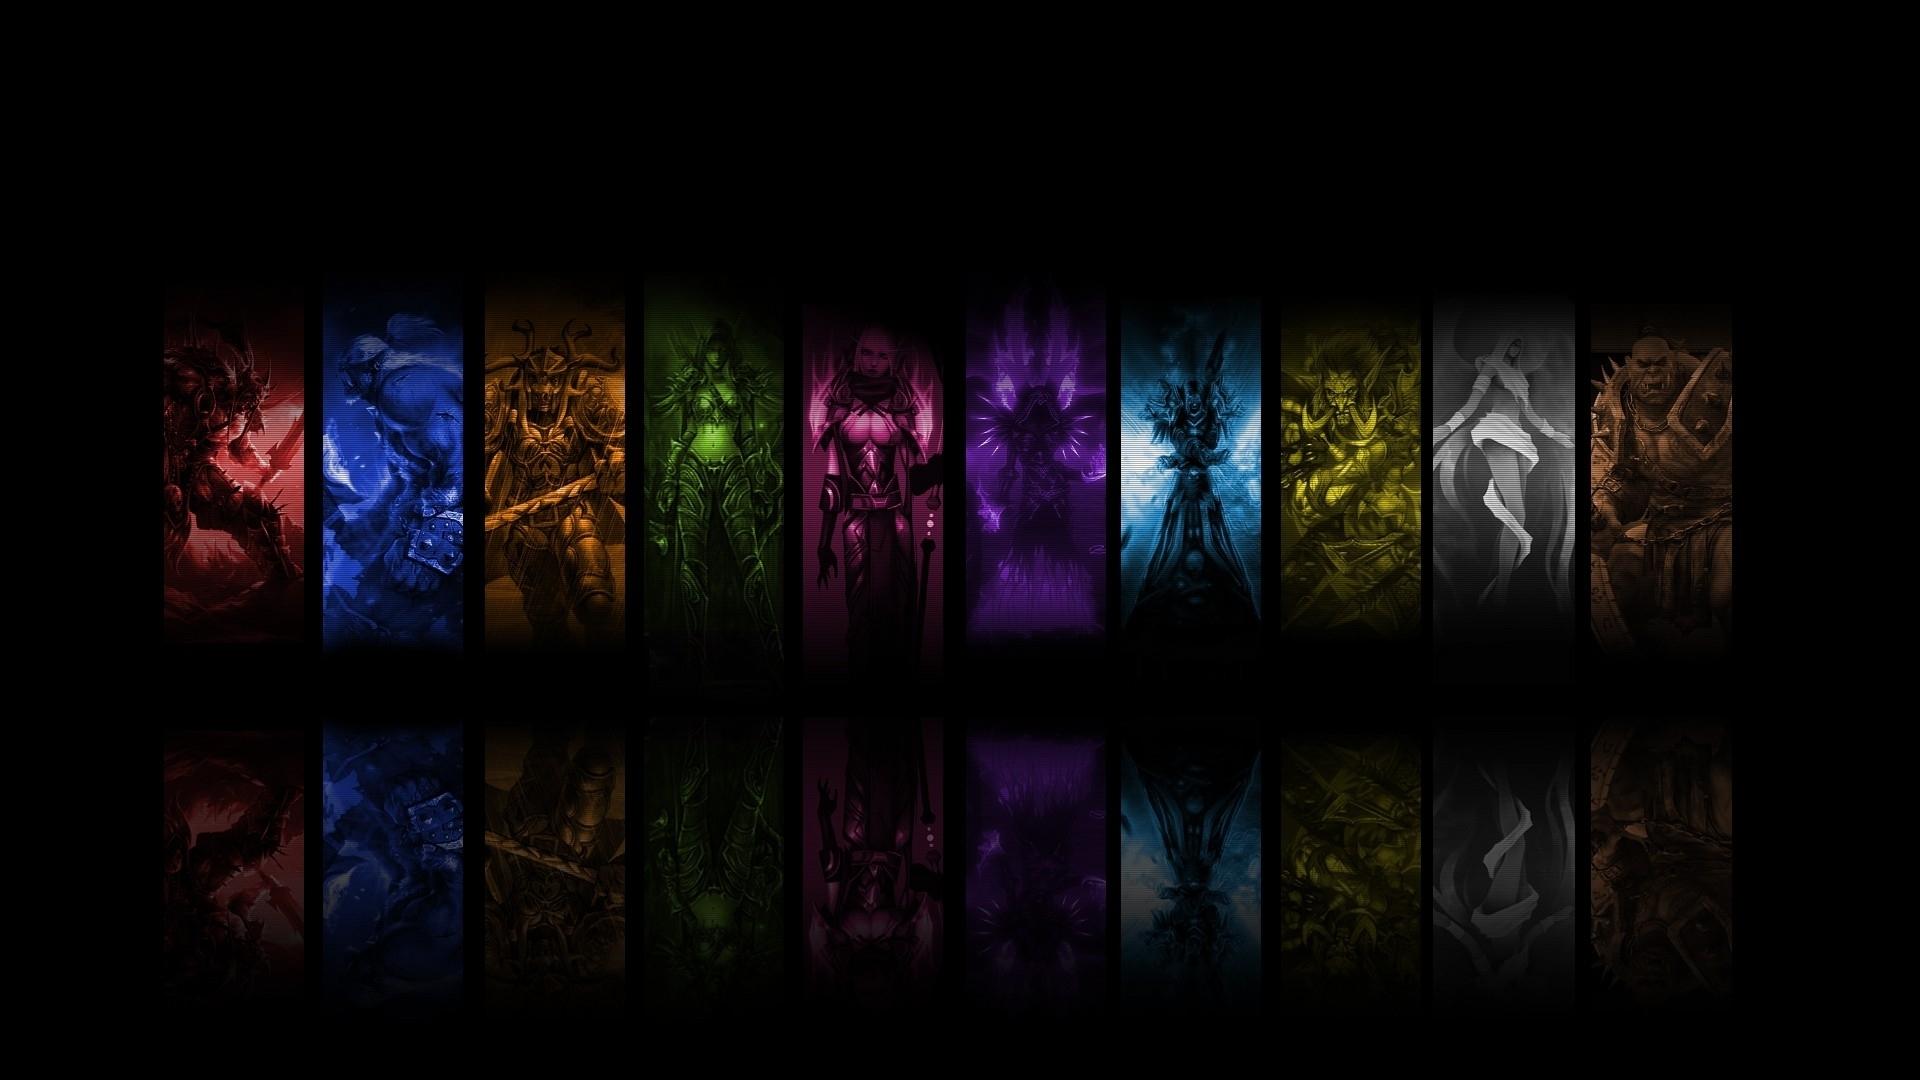 《魔兽世界》壁纸 第 2